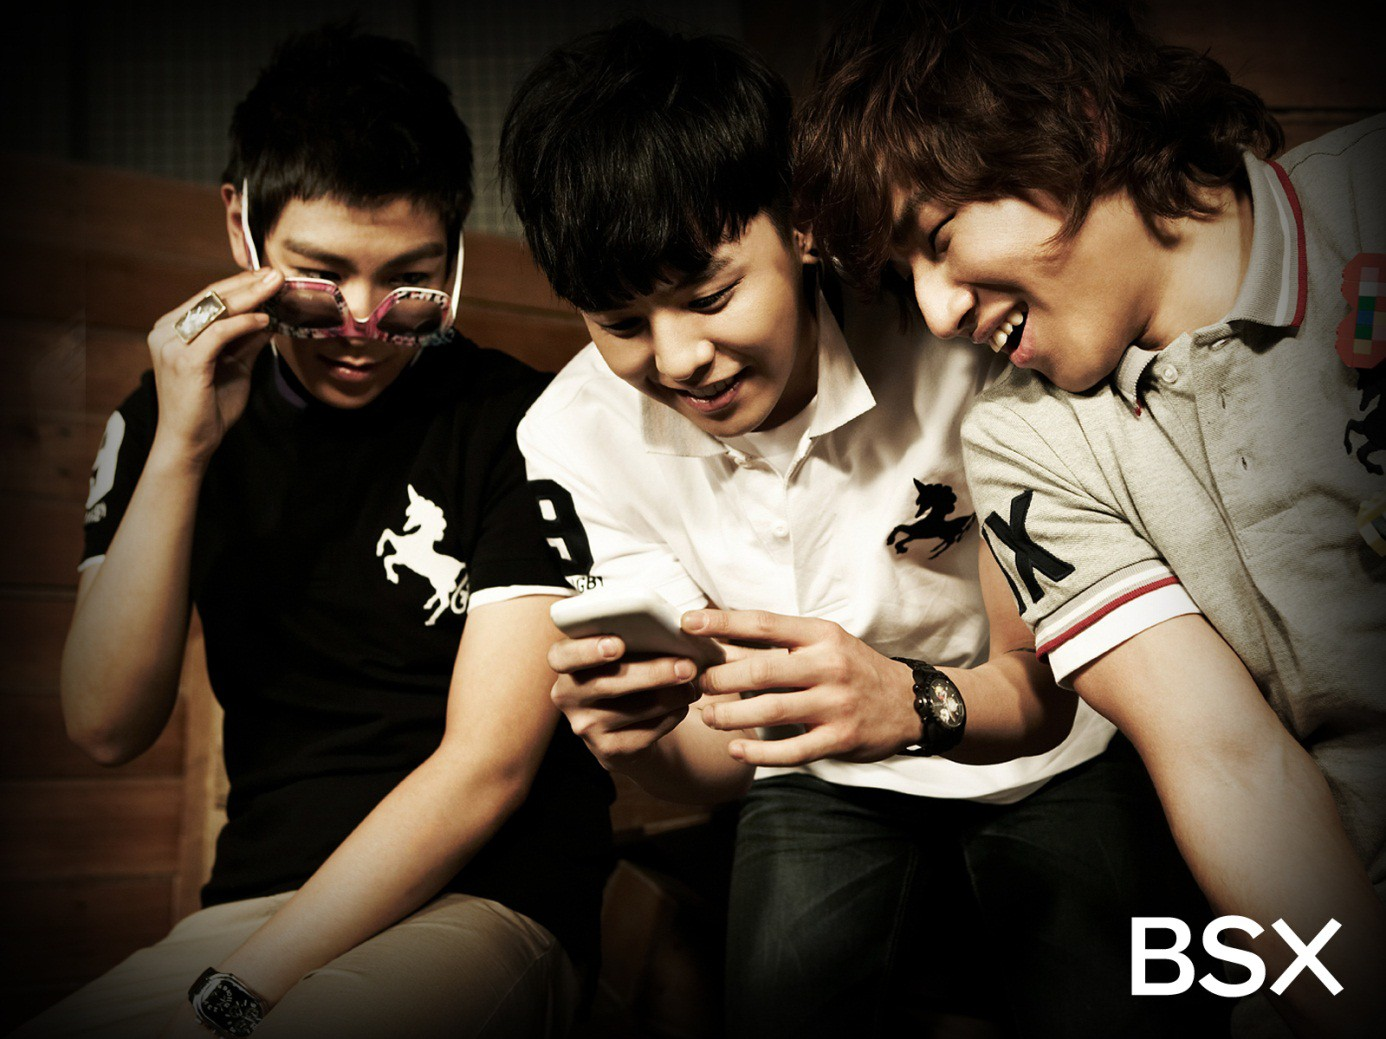 6 idolgroup sau scandal chấn động Kpop: Người mạnh mẽ vươn lên, kẻ chết yểu từ từ - Ảnh 18.